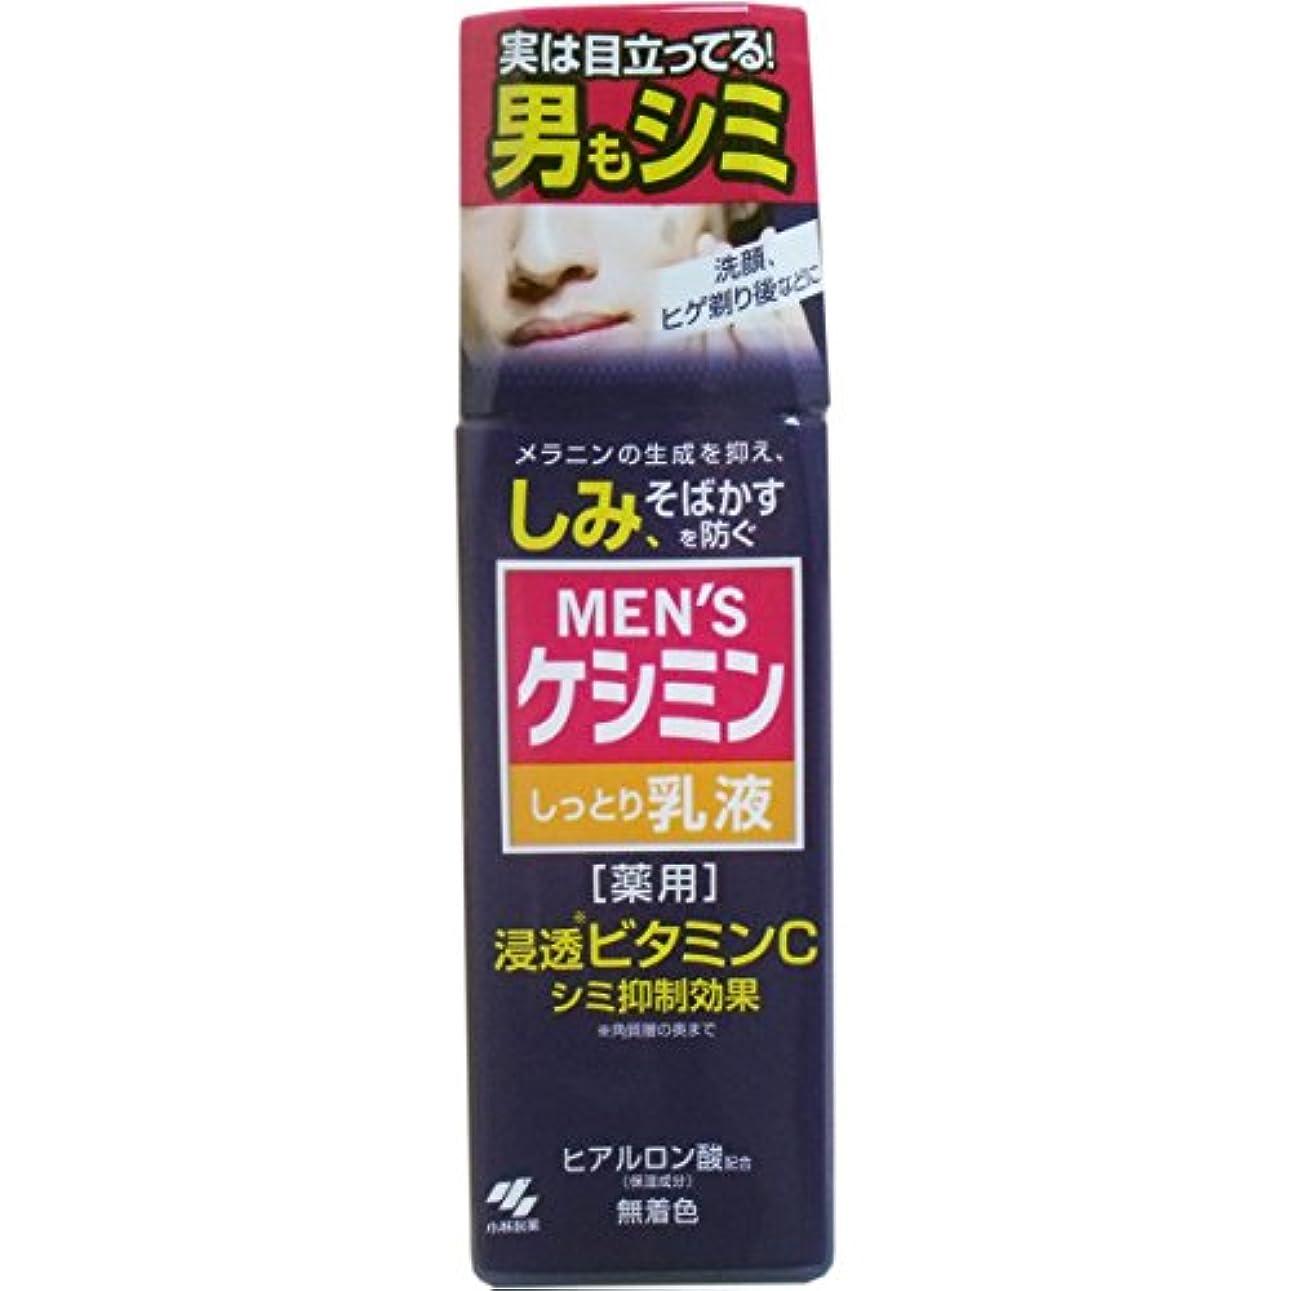 チャップレベル自殺【小林製薬】メンズケシミン乳液 110ml ×3個セット